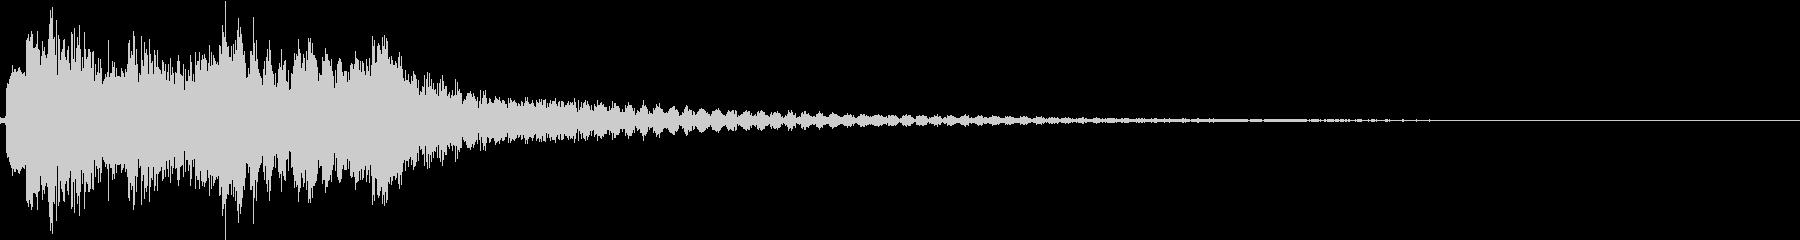 和風 琴 お正月 展開 料亭 06の未再生の波形